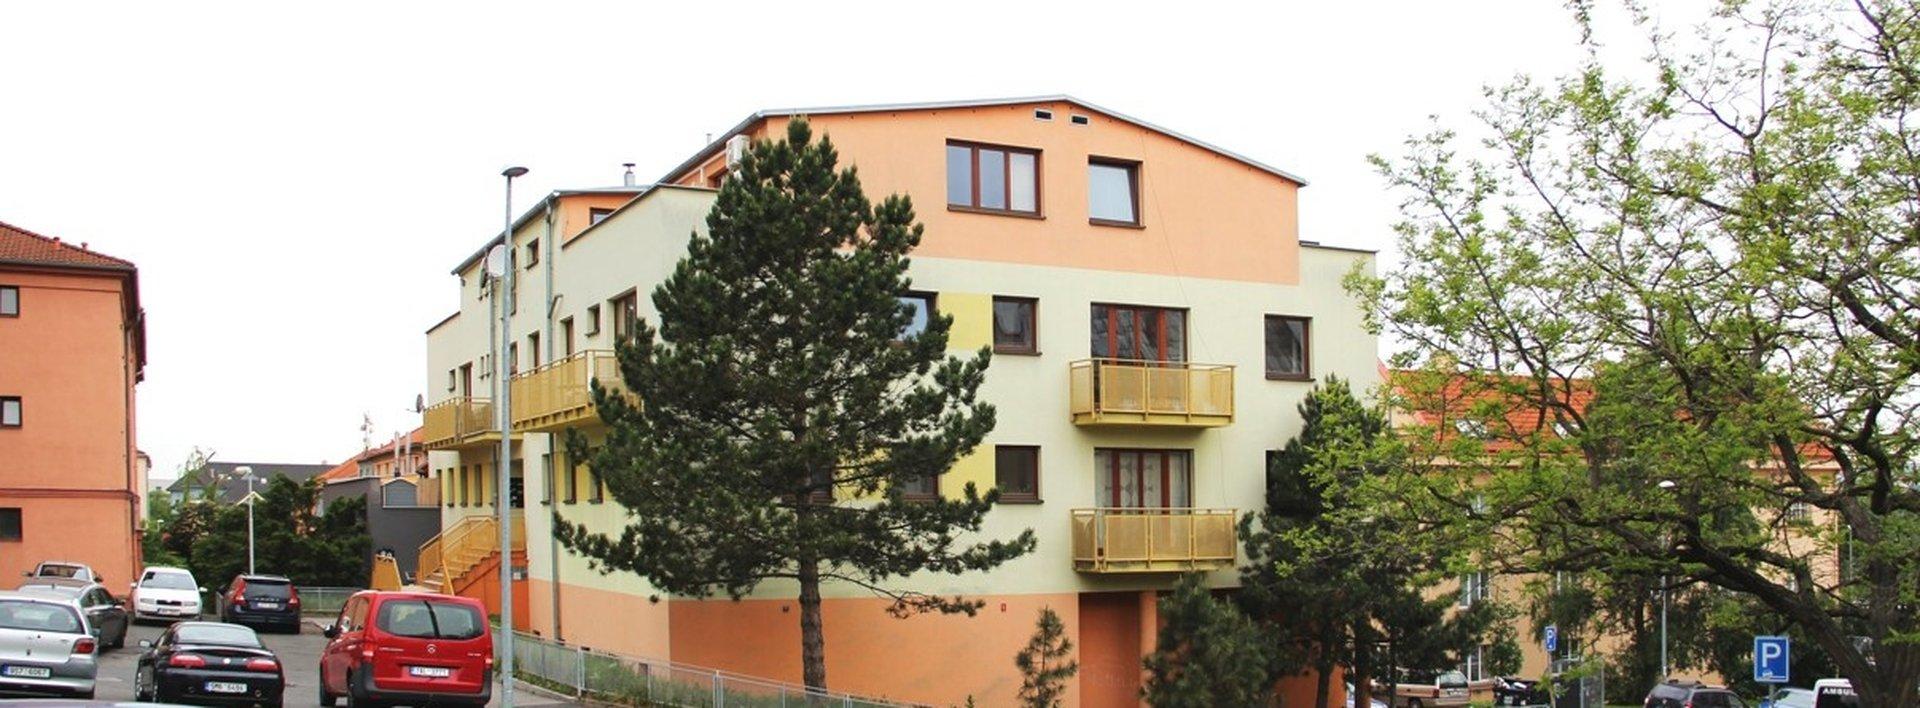 Prodej bytu 2+1 s velkorysou terasou , 120 m²